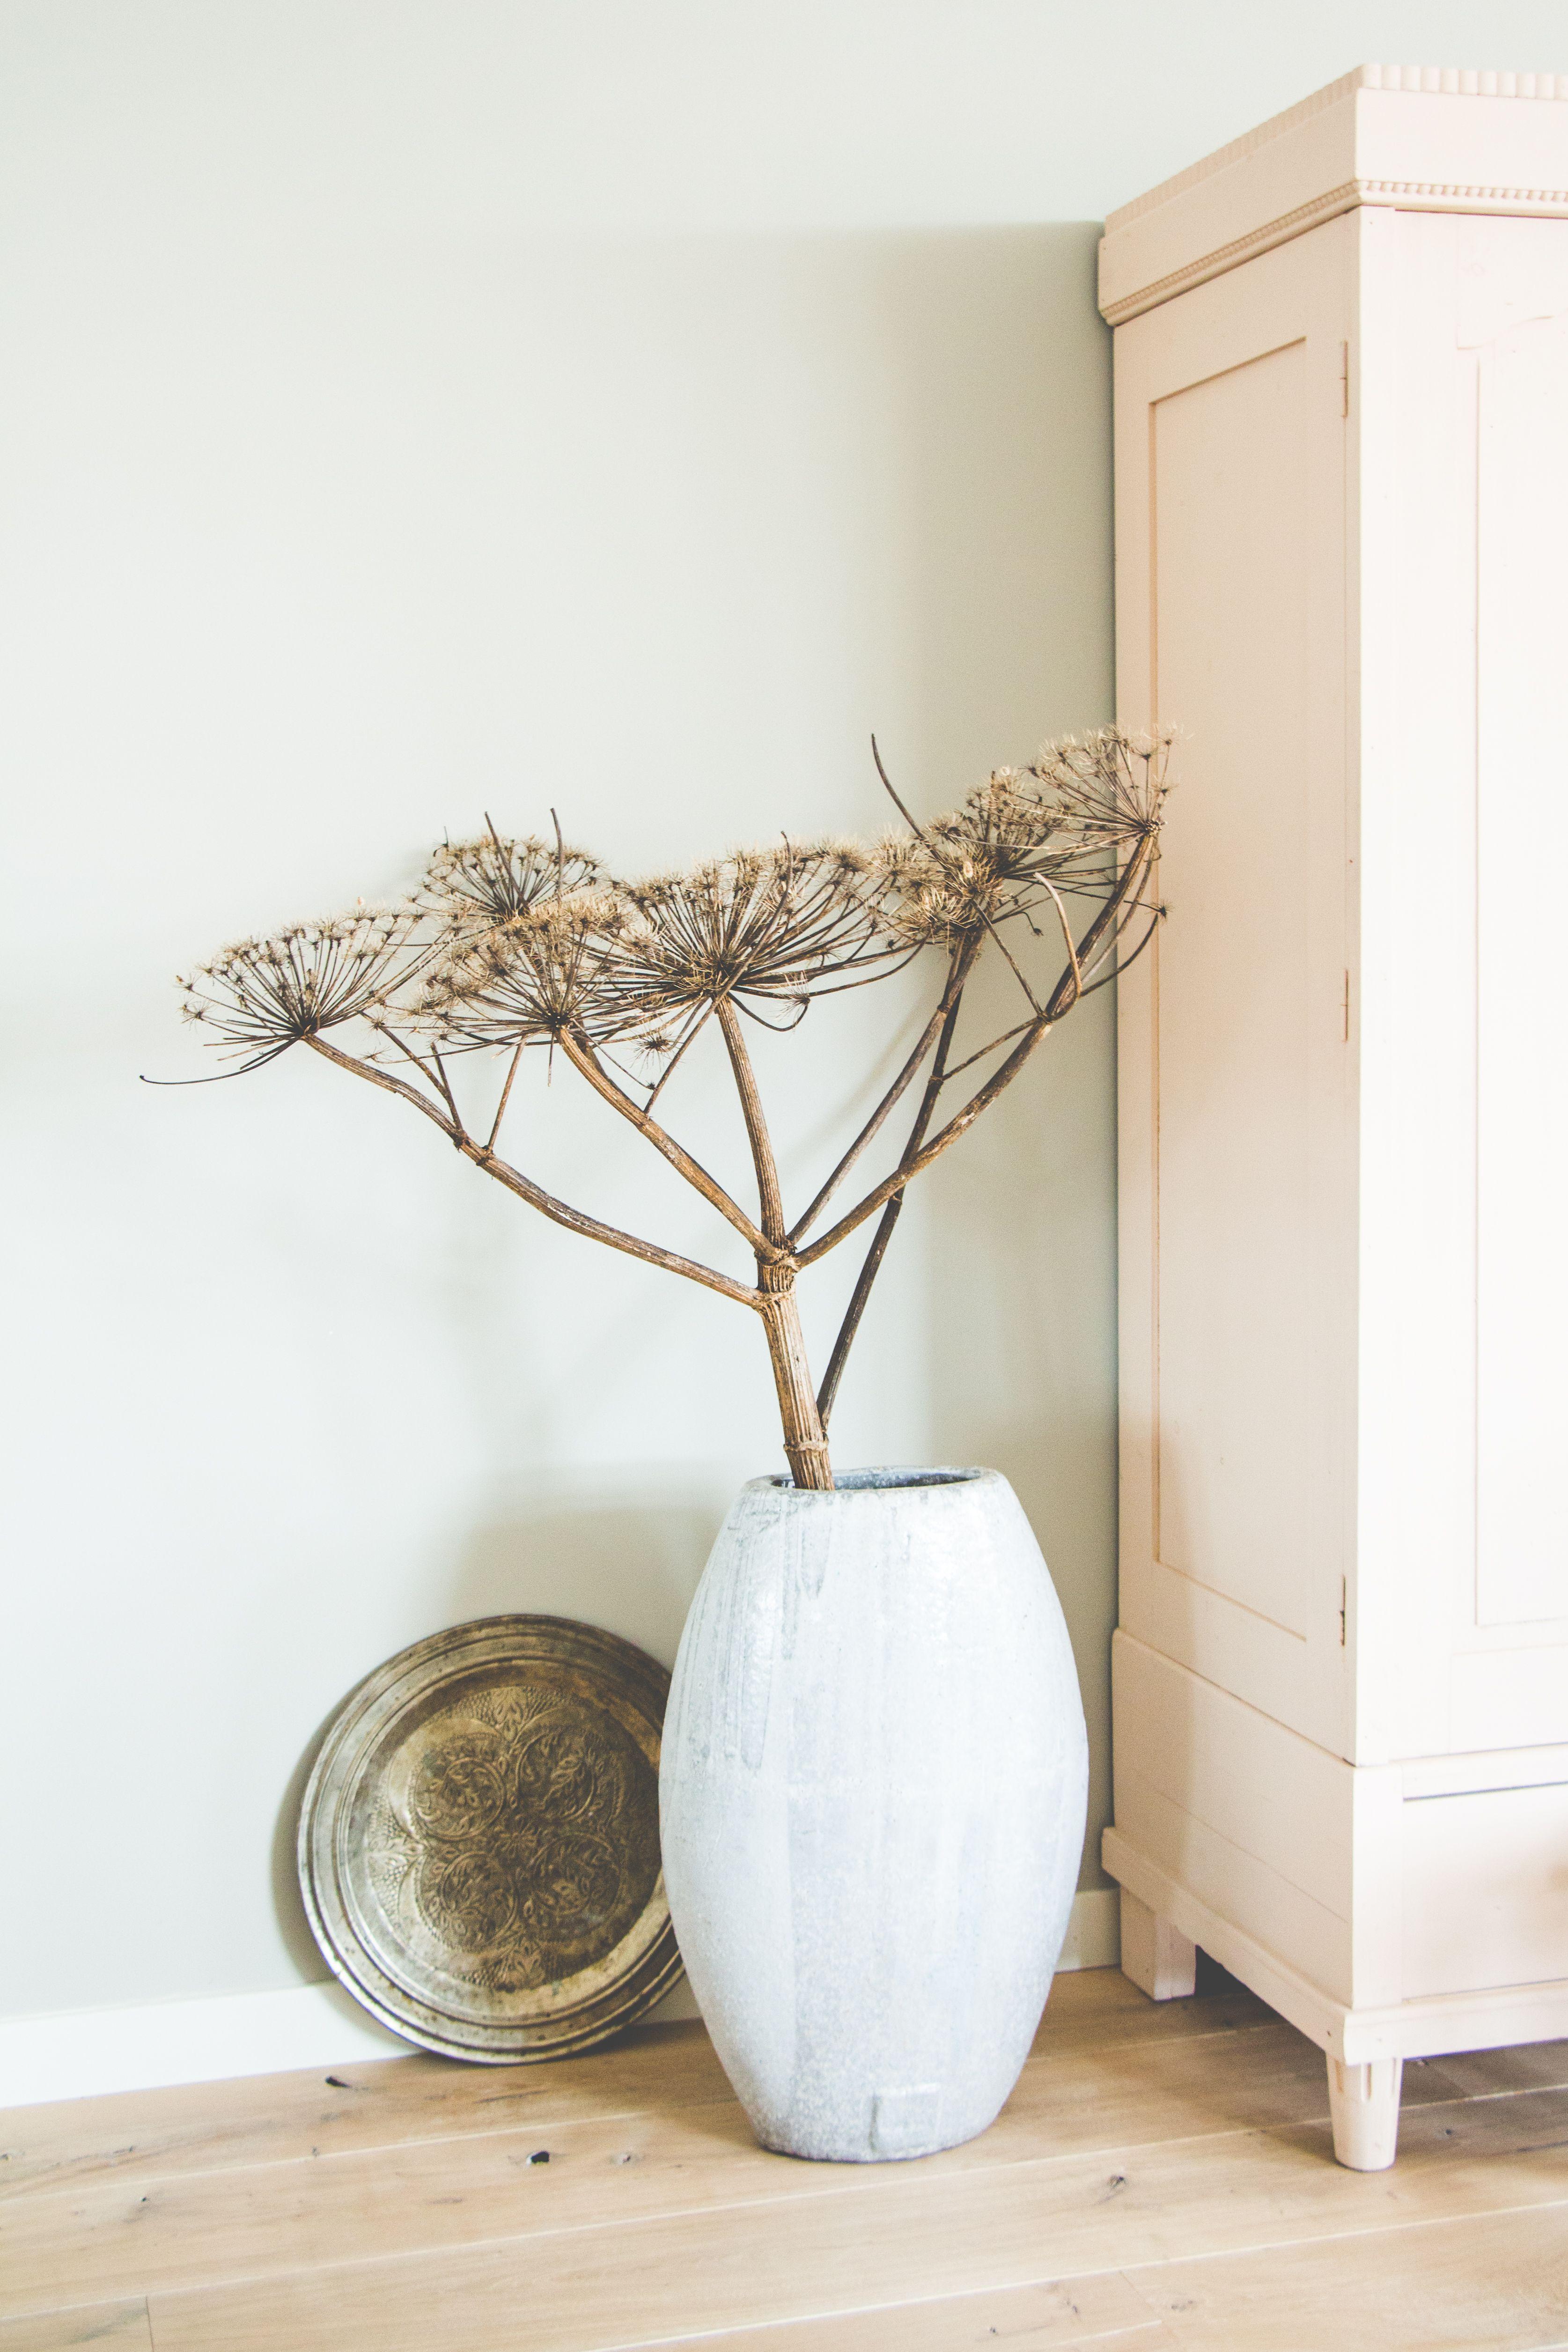 Pin van Kim Klaasen op interieur | Pinterest - Decoratie, Planten en ...